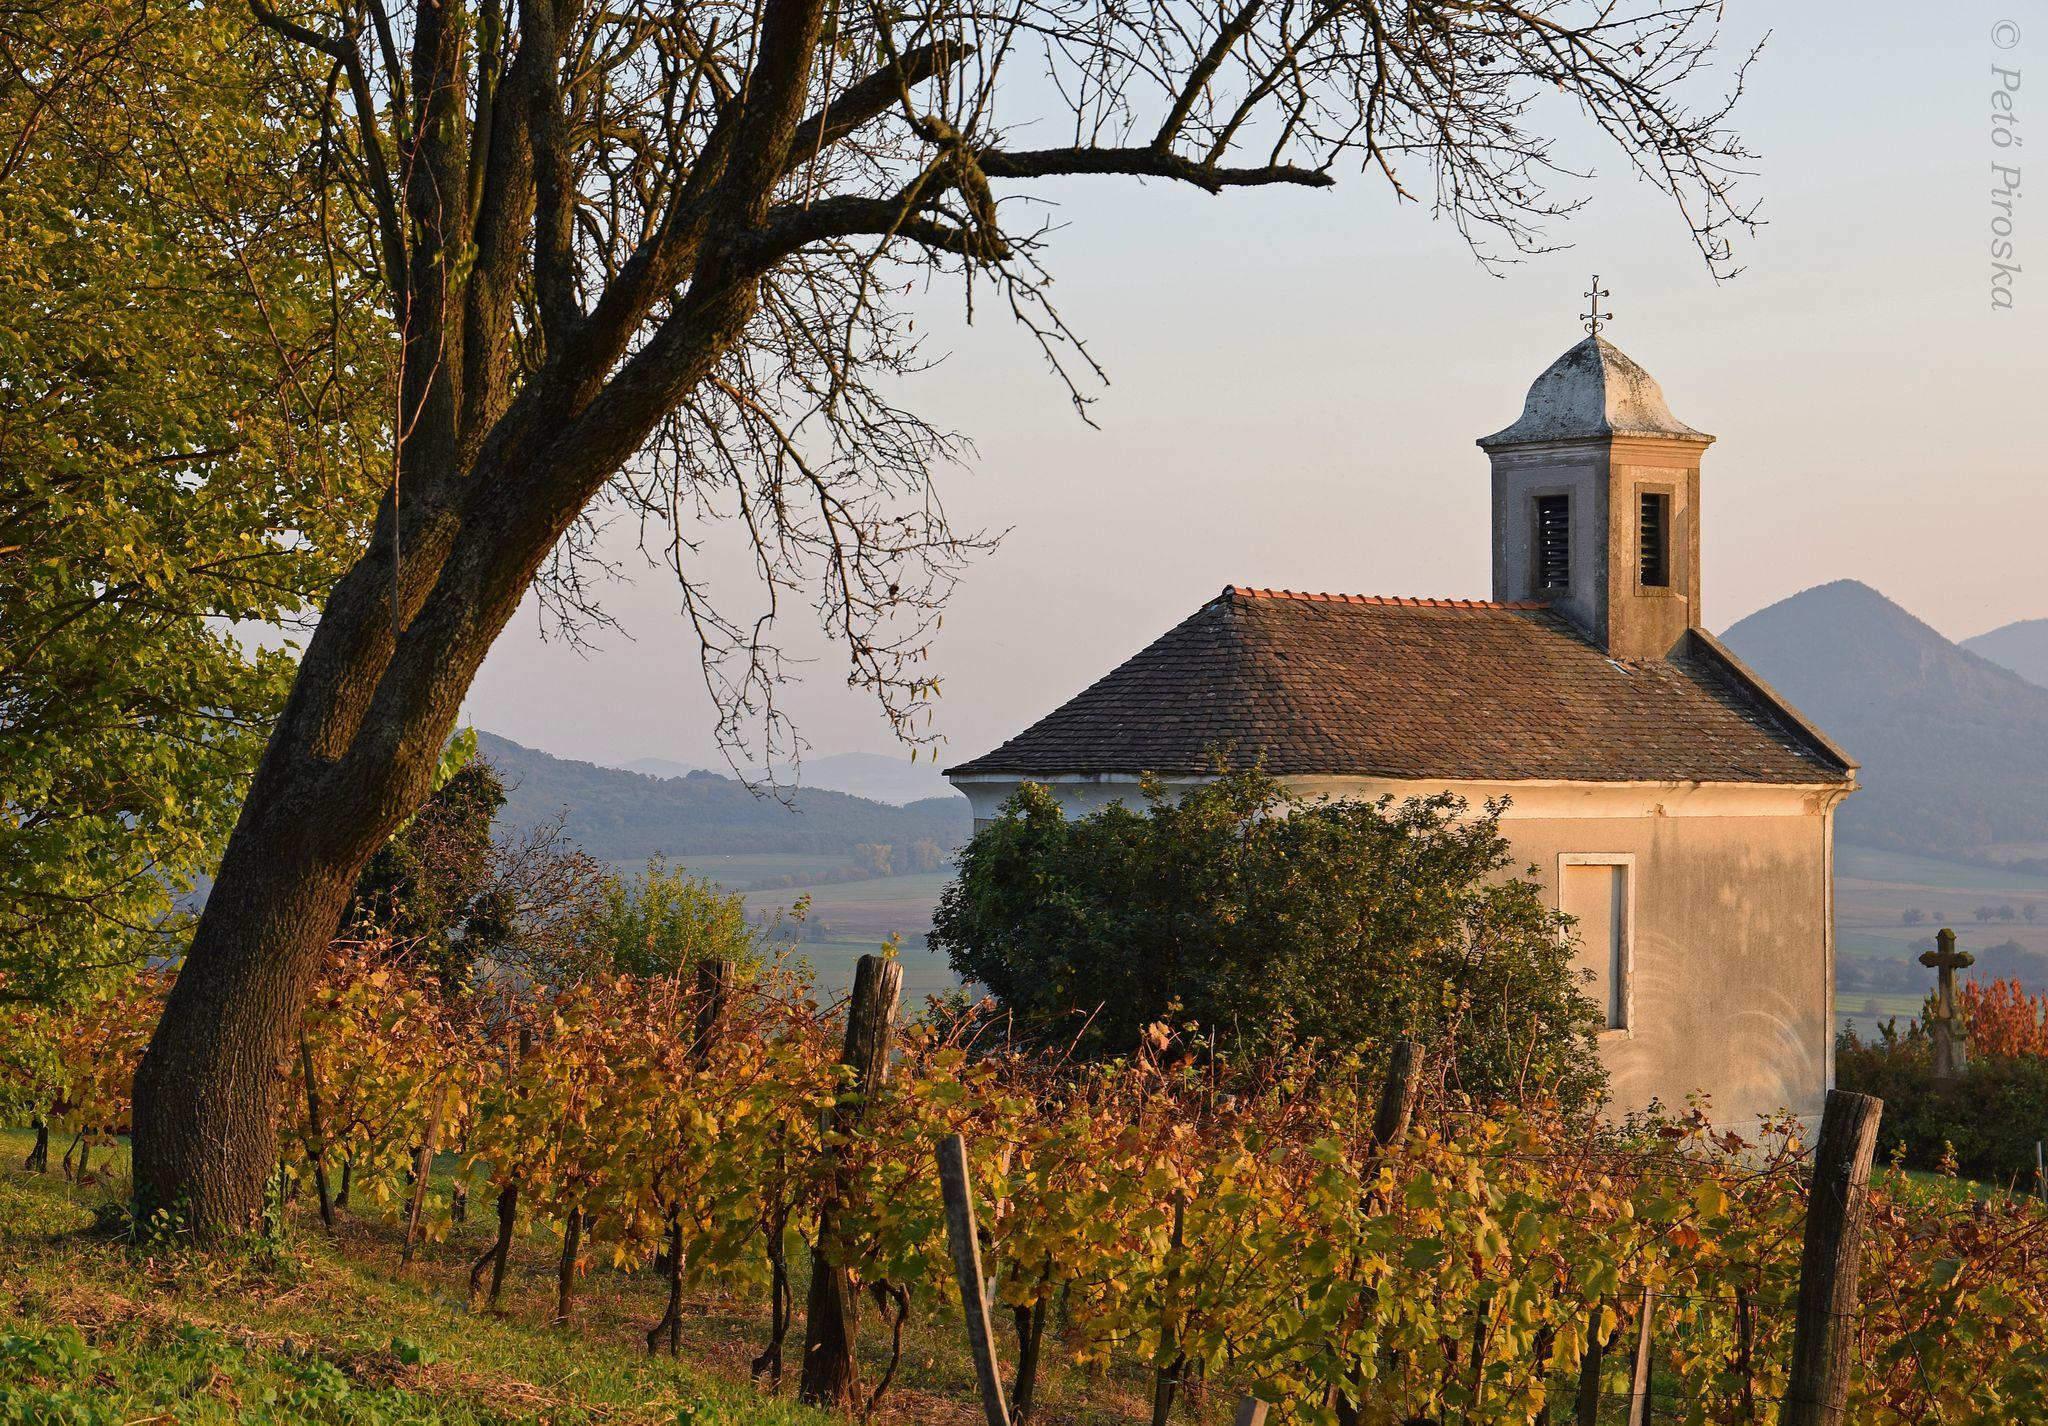 Szent Donát kápolna őszi környezetben